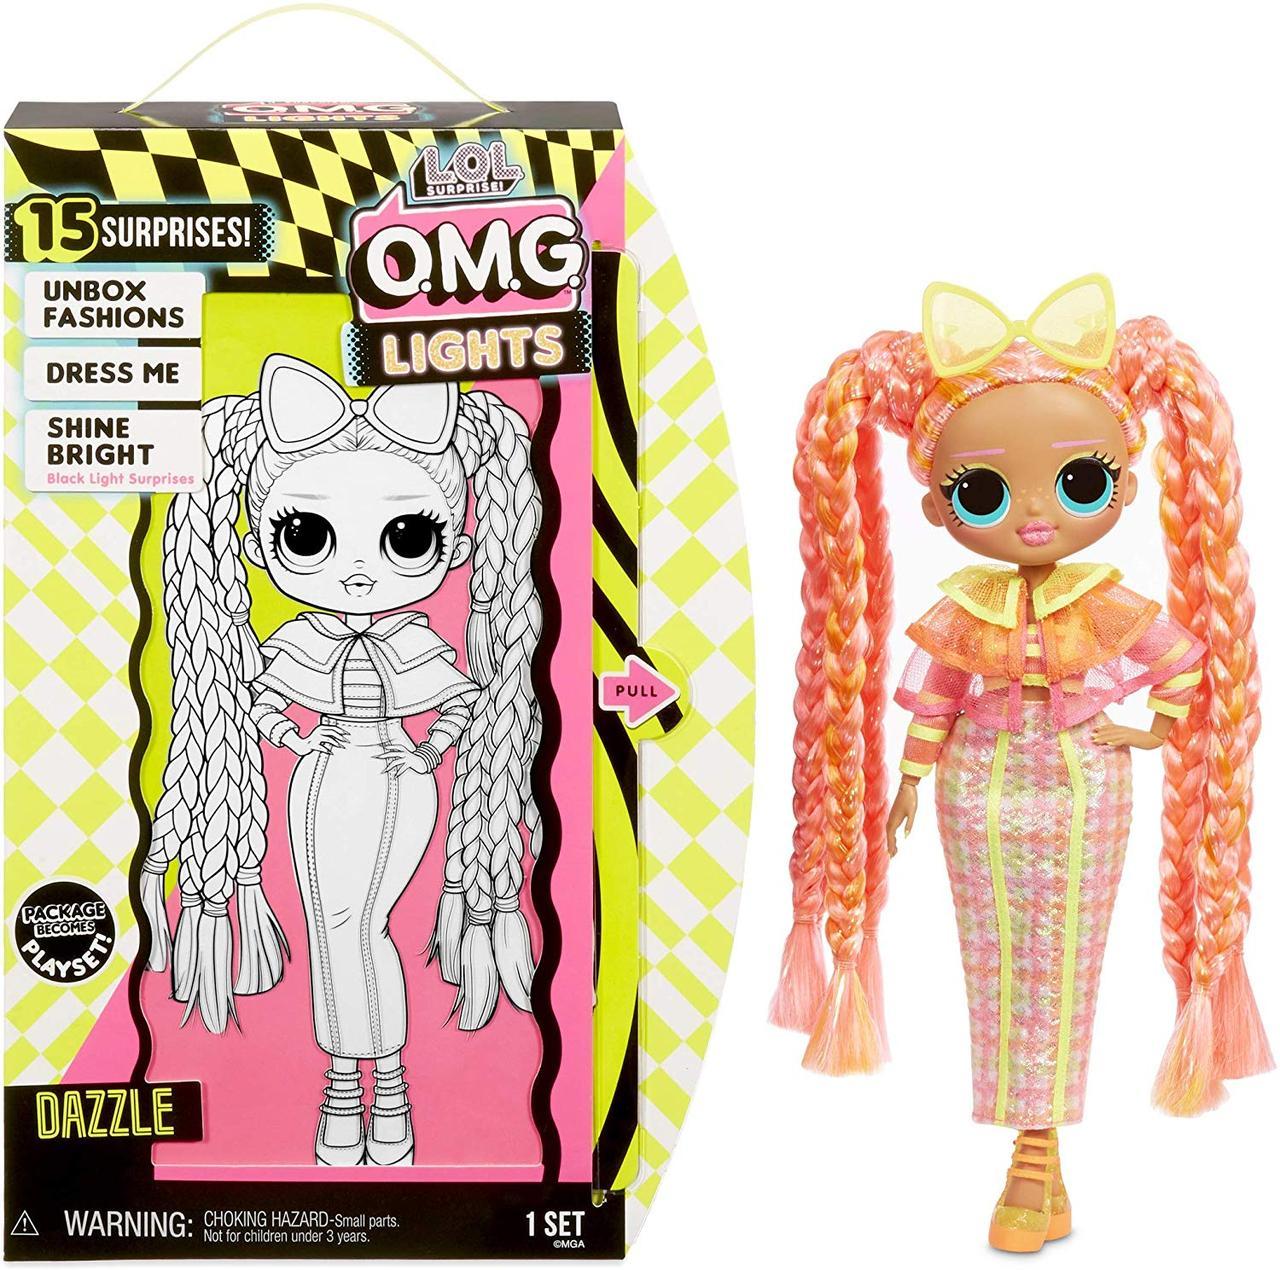 L.O.L. Surprise! O.M.G. серия O. M. G. Lights - Блестящая королева 565185 Оригинал